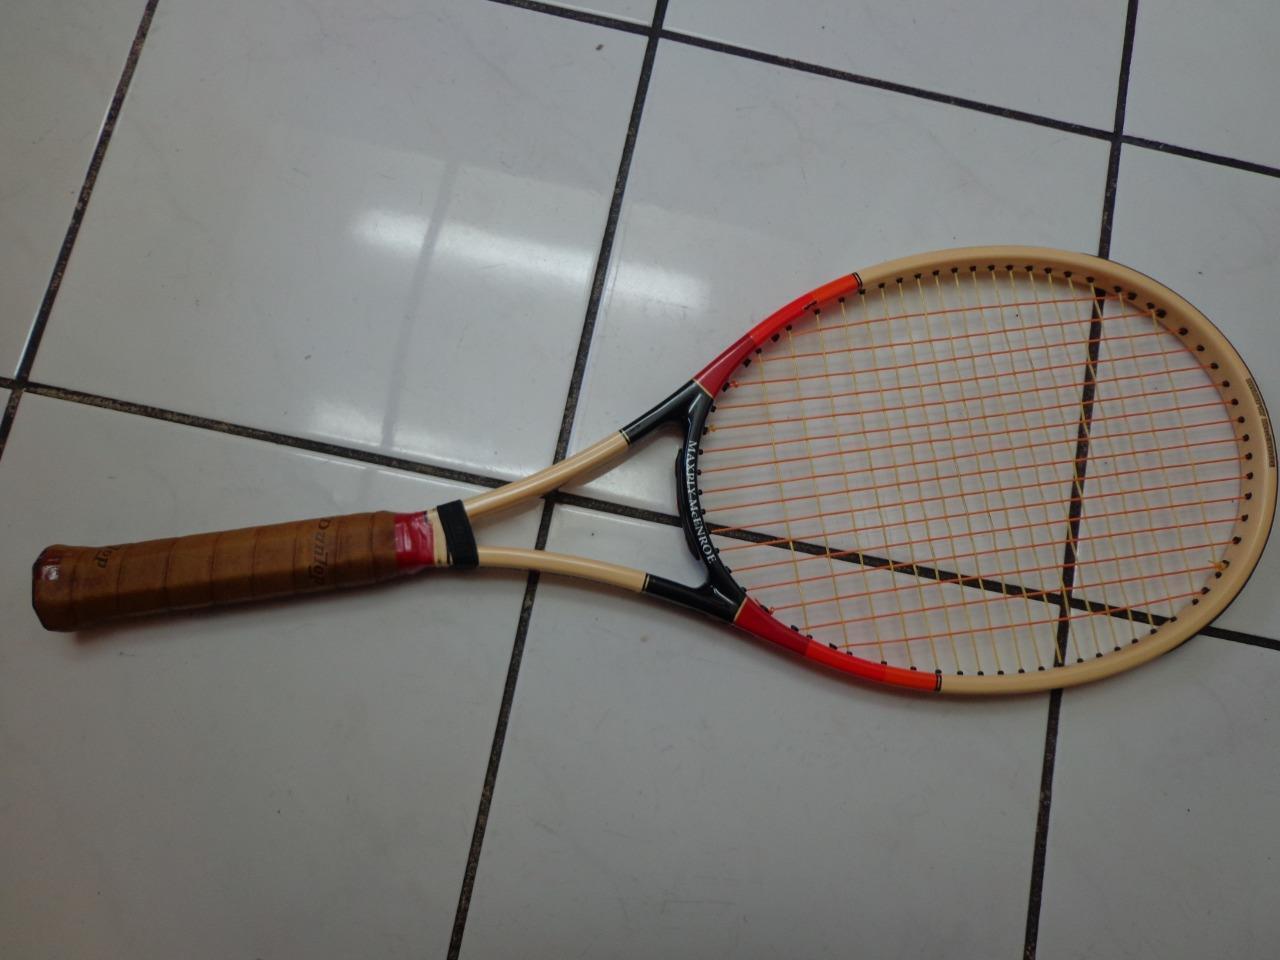 Dunlop Maxply McEnroe 98 head 4 4 head 5/8 grip Tennis Racquet 8093fb